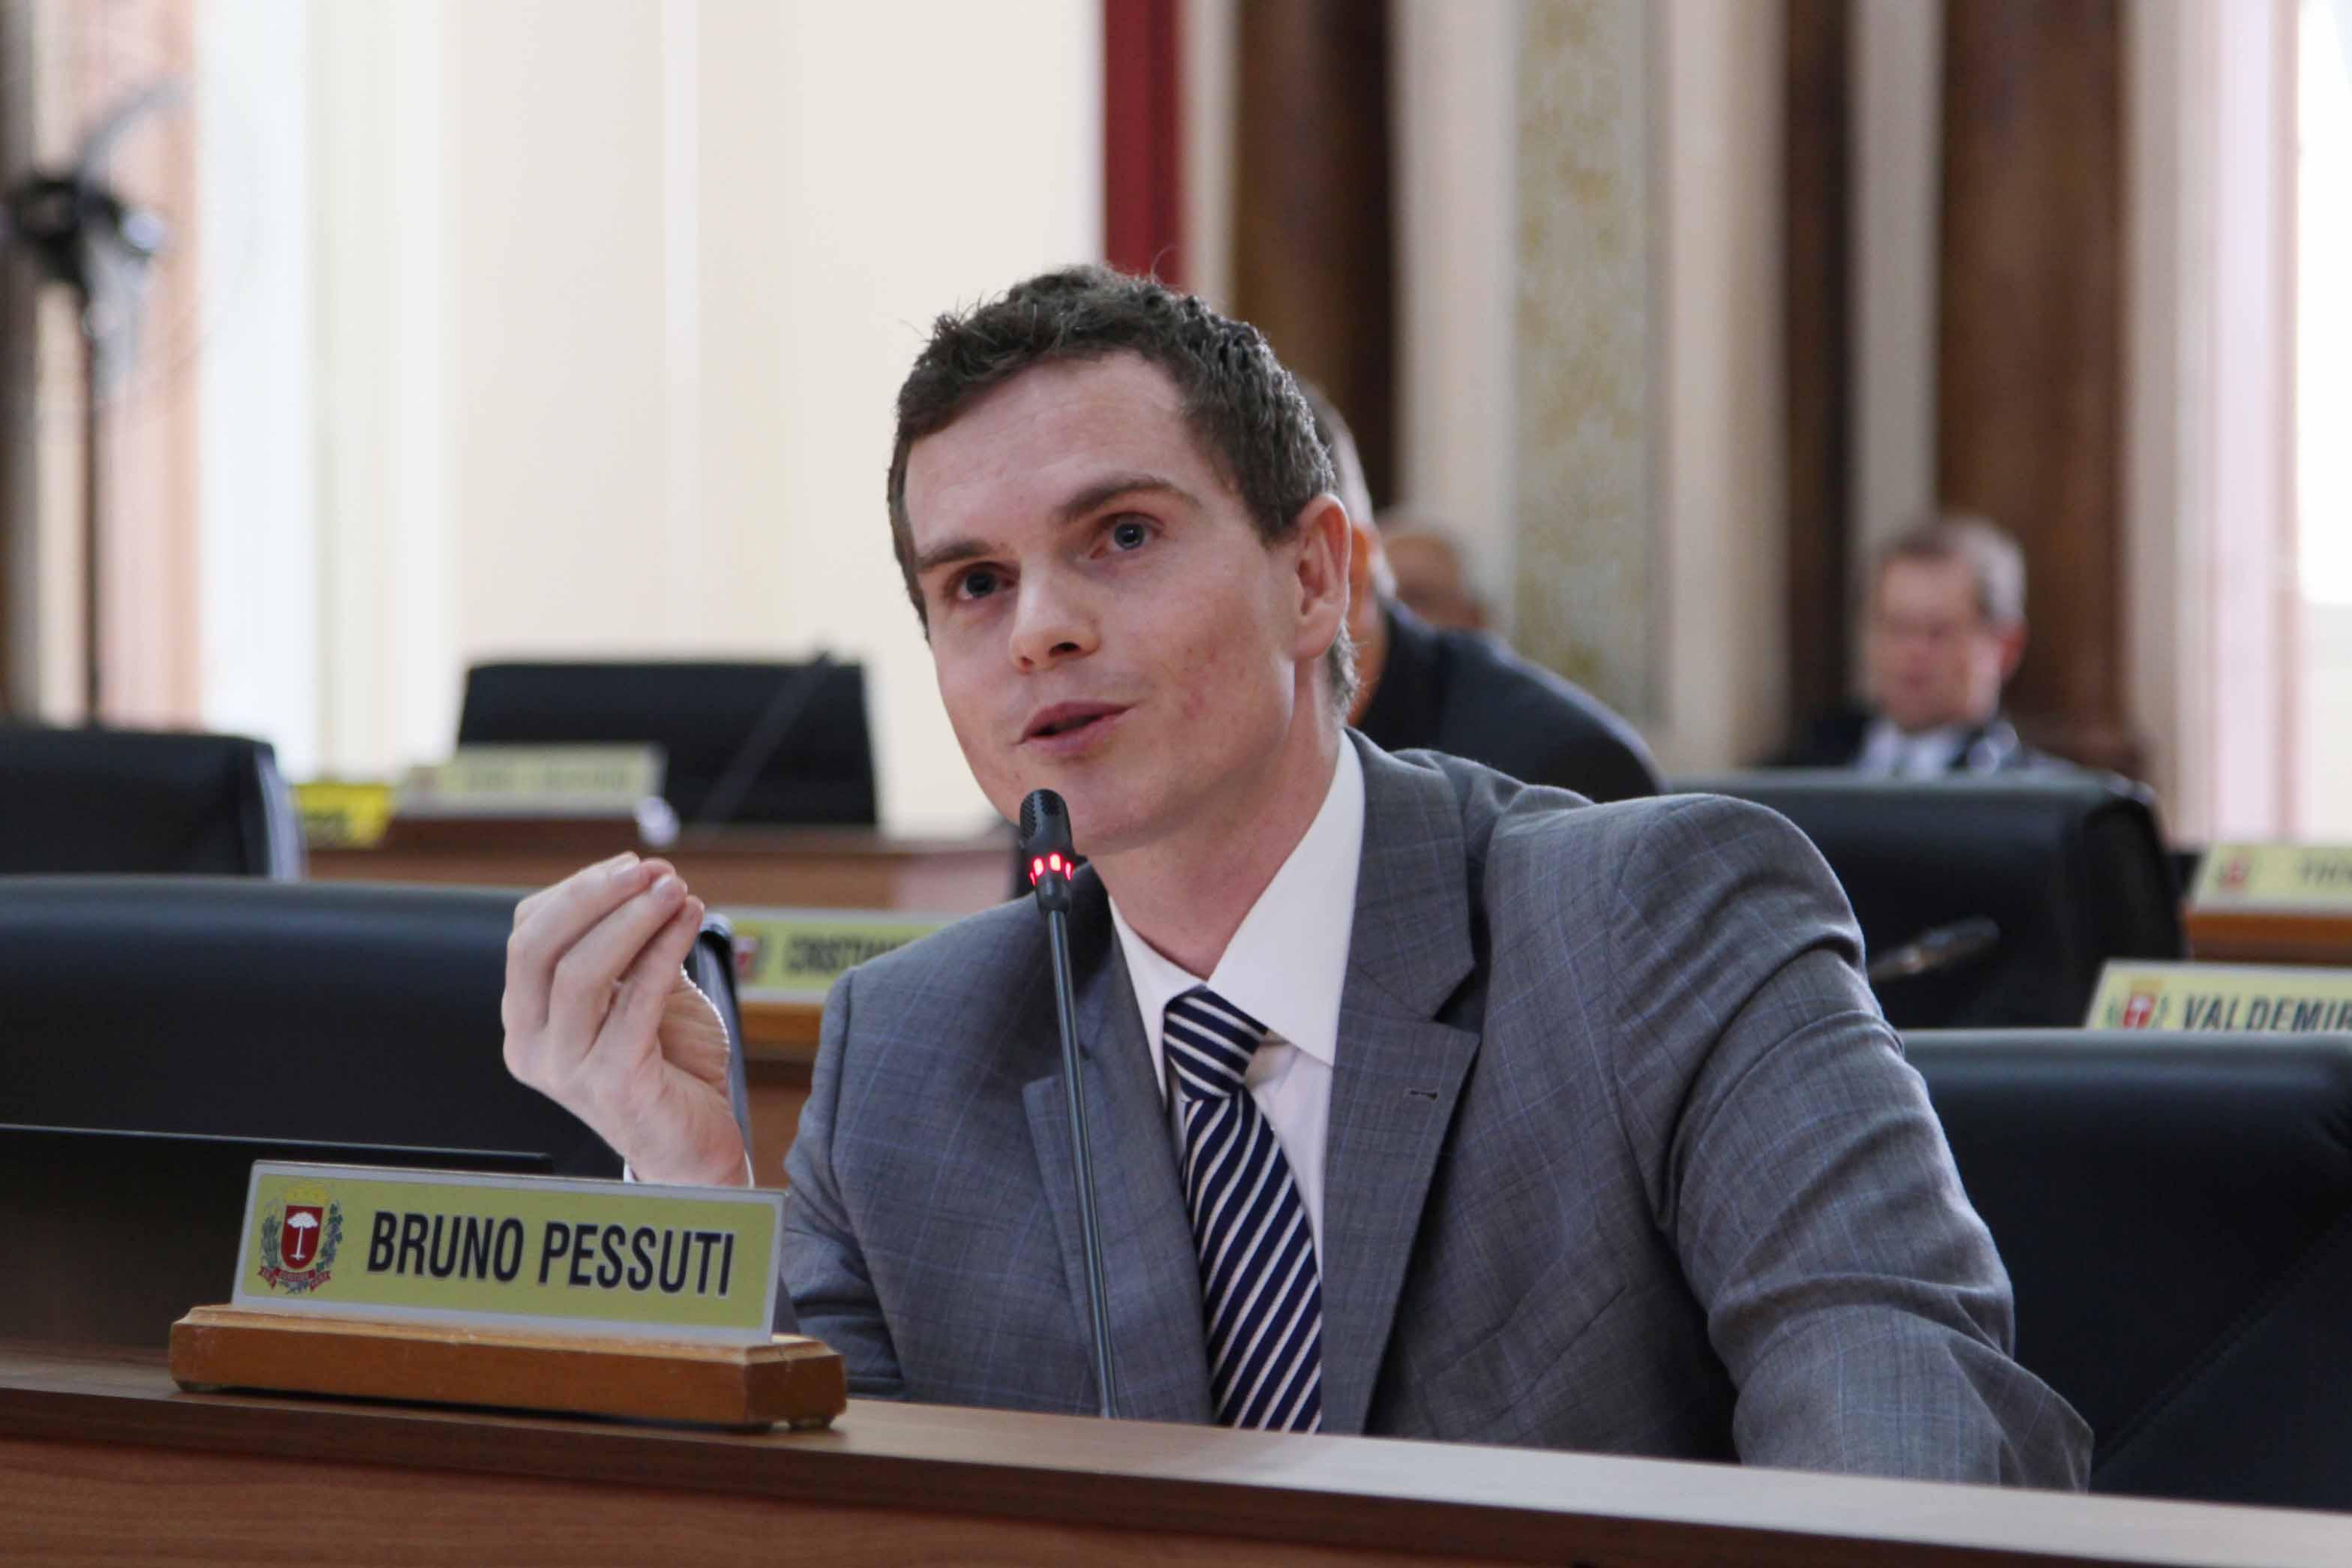 Bruno Pessuti solicita implantação de remansos na rua XV de novembro - Bruno Pessuti